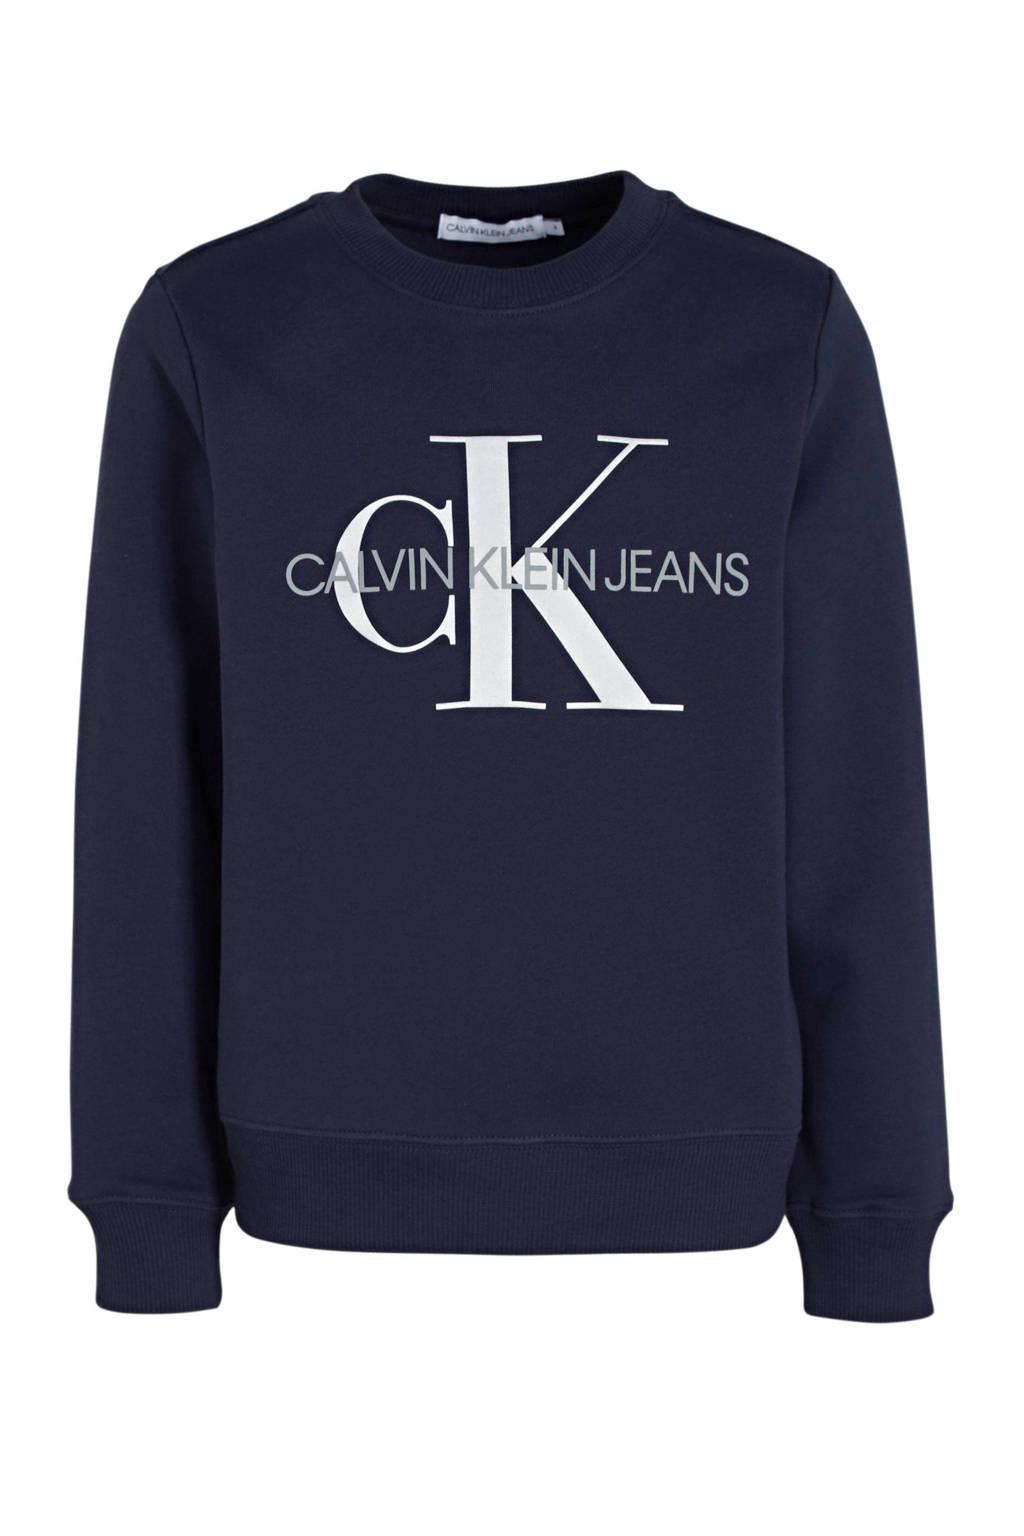 CALVIN KLEIN JEANS sweater van biologisch katoen donkerblauw, Donkerblauw